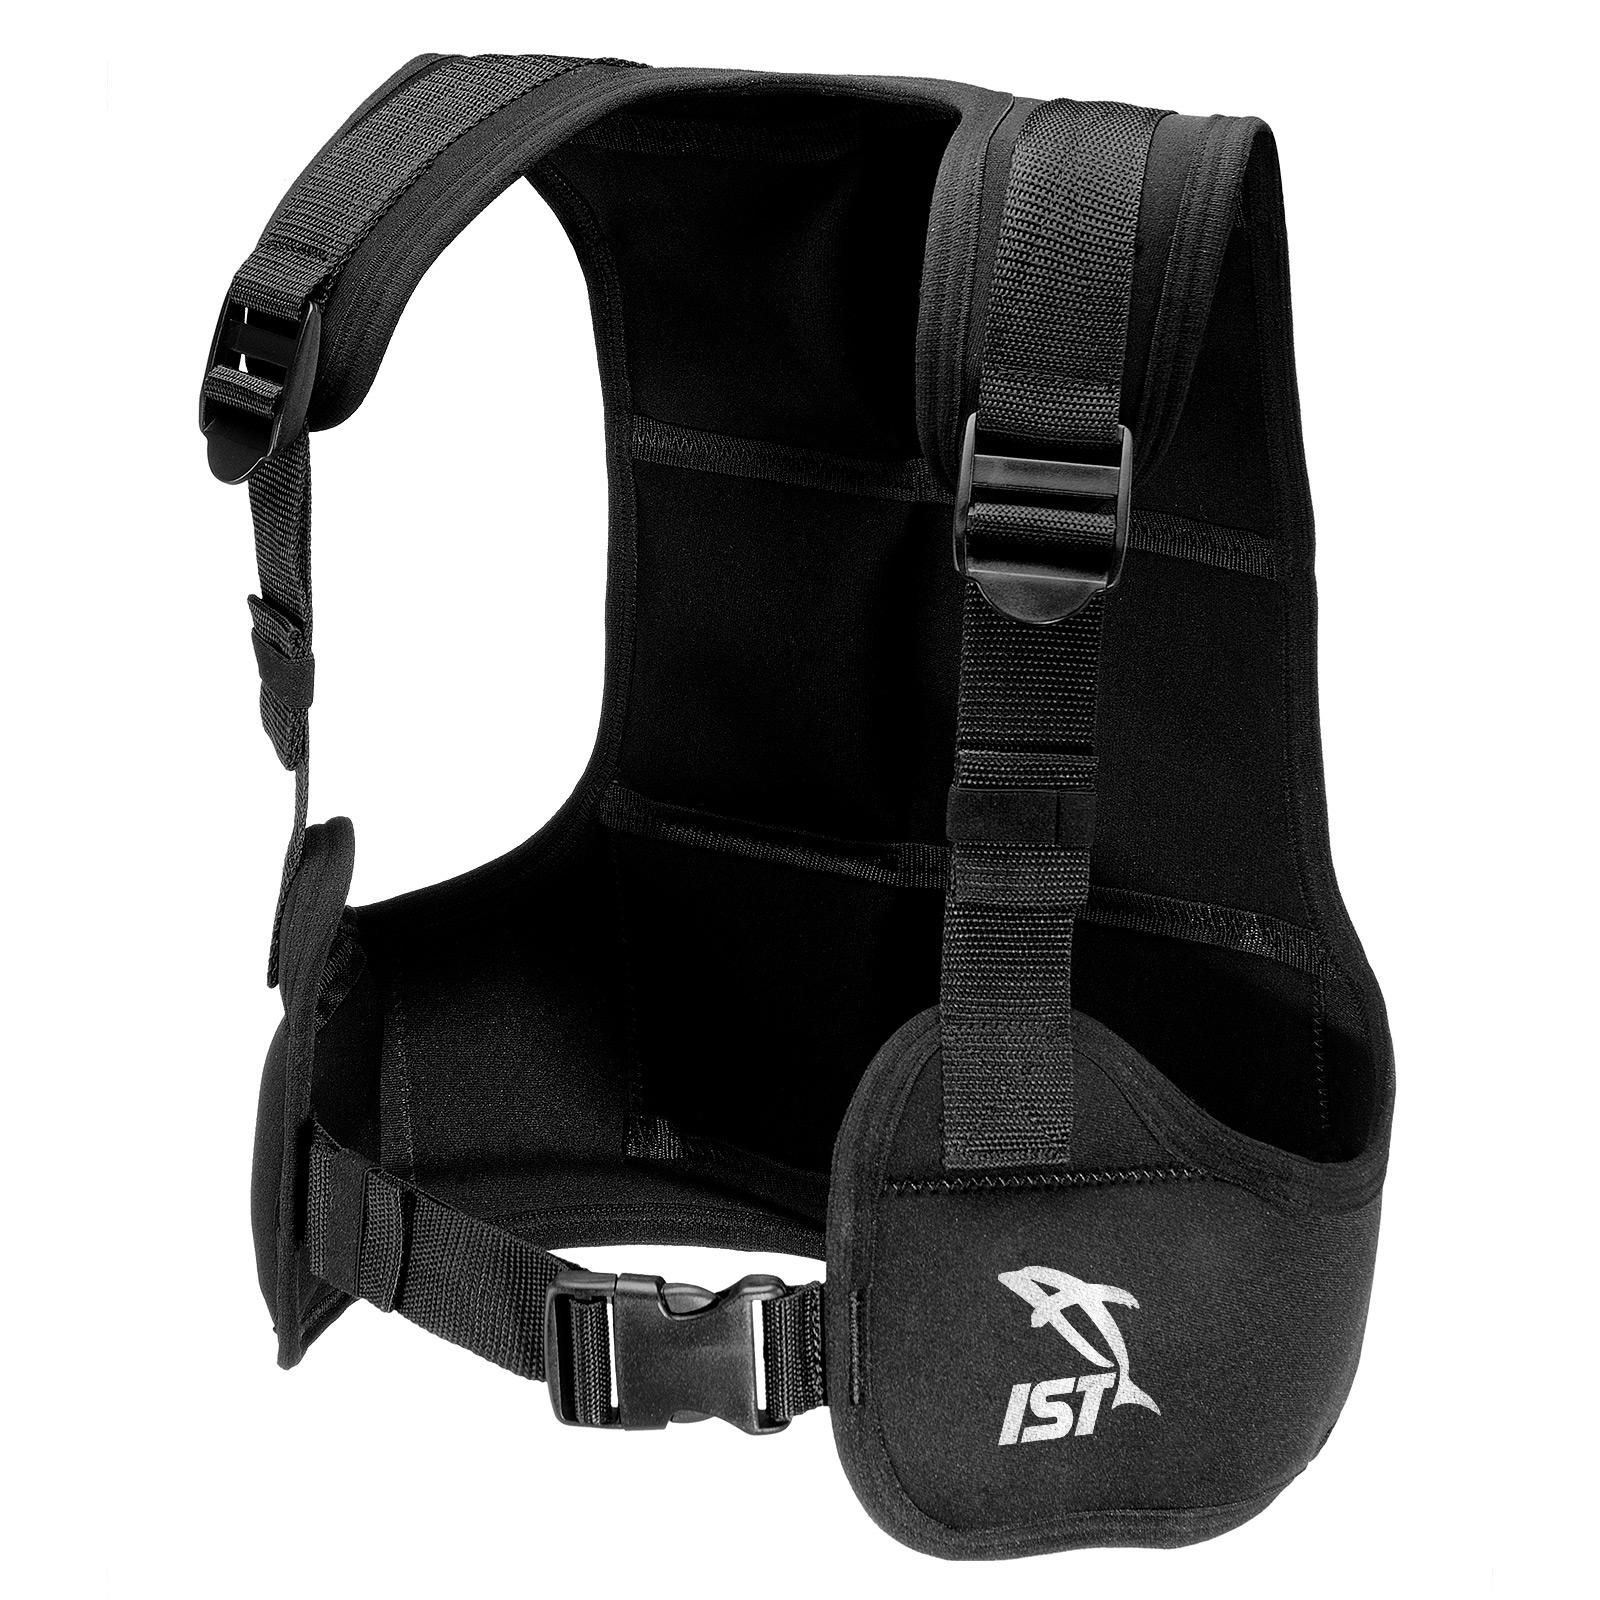 Free Diving/ Apnea Weight Vest